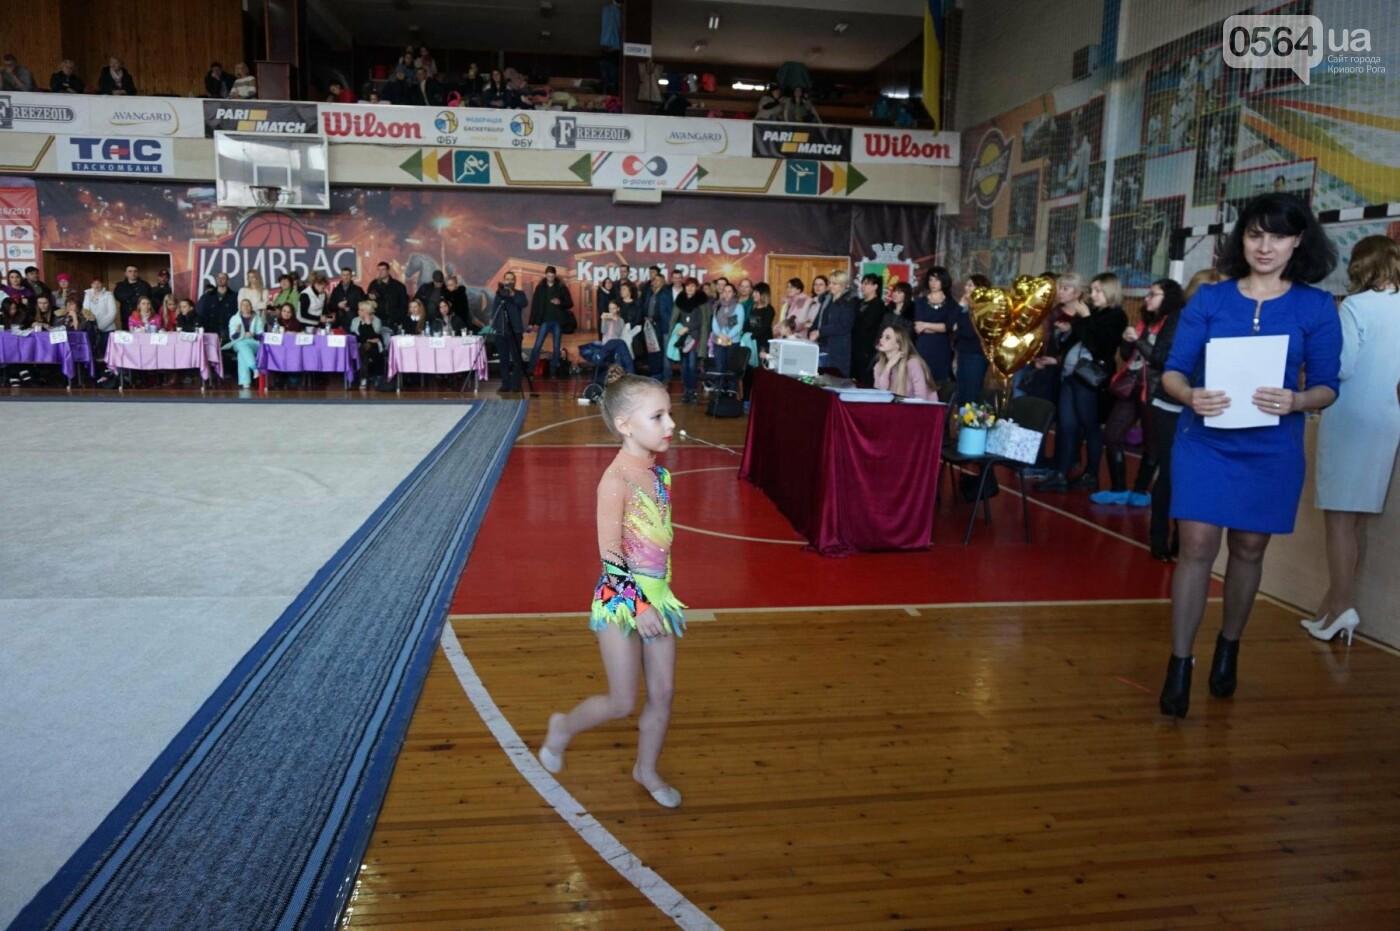 Праздник красоты и грации состоялся в Кривом Роге (ФОТО), фото-45